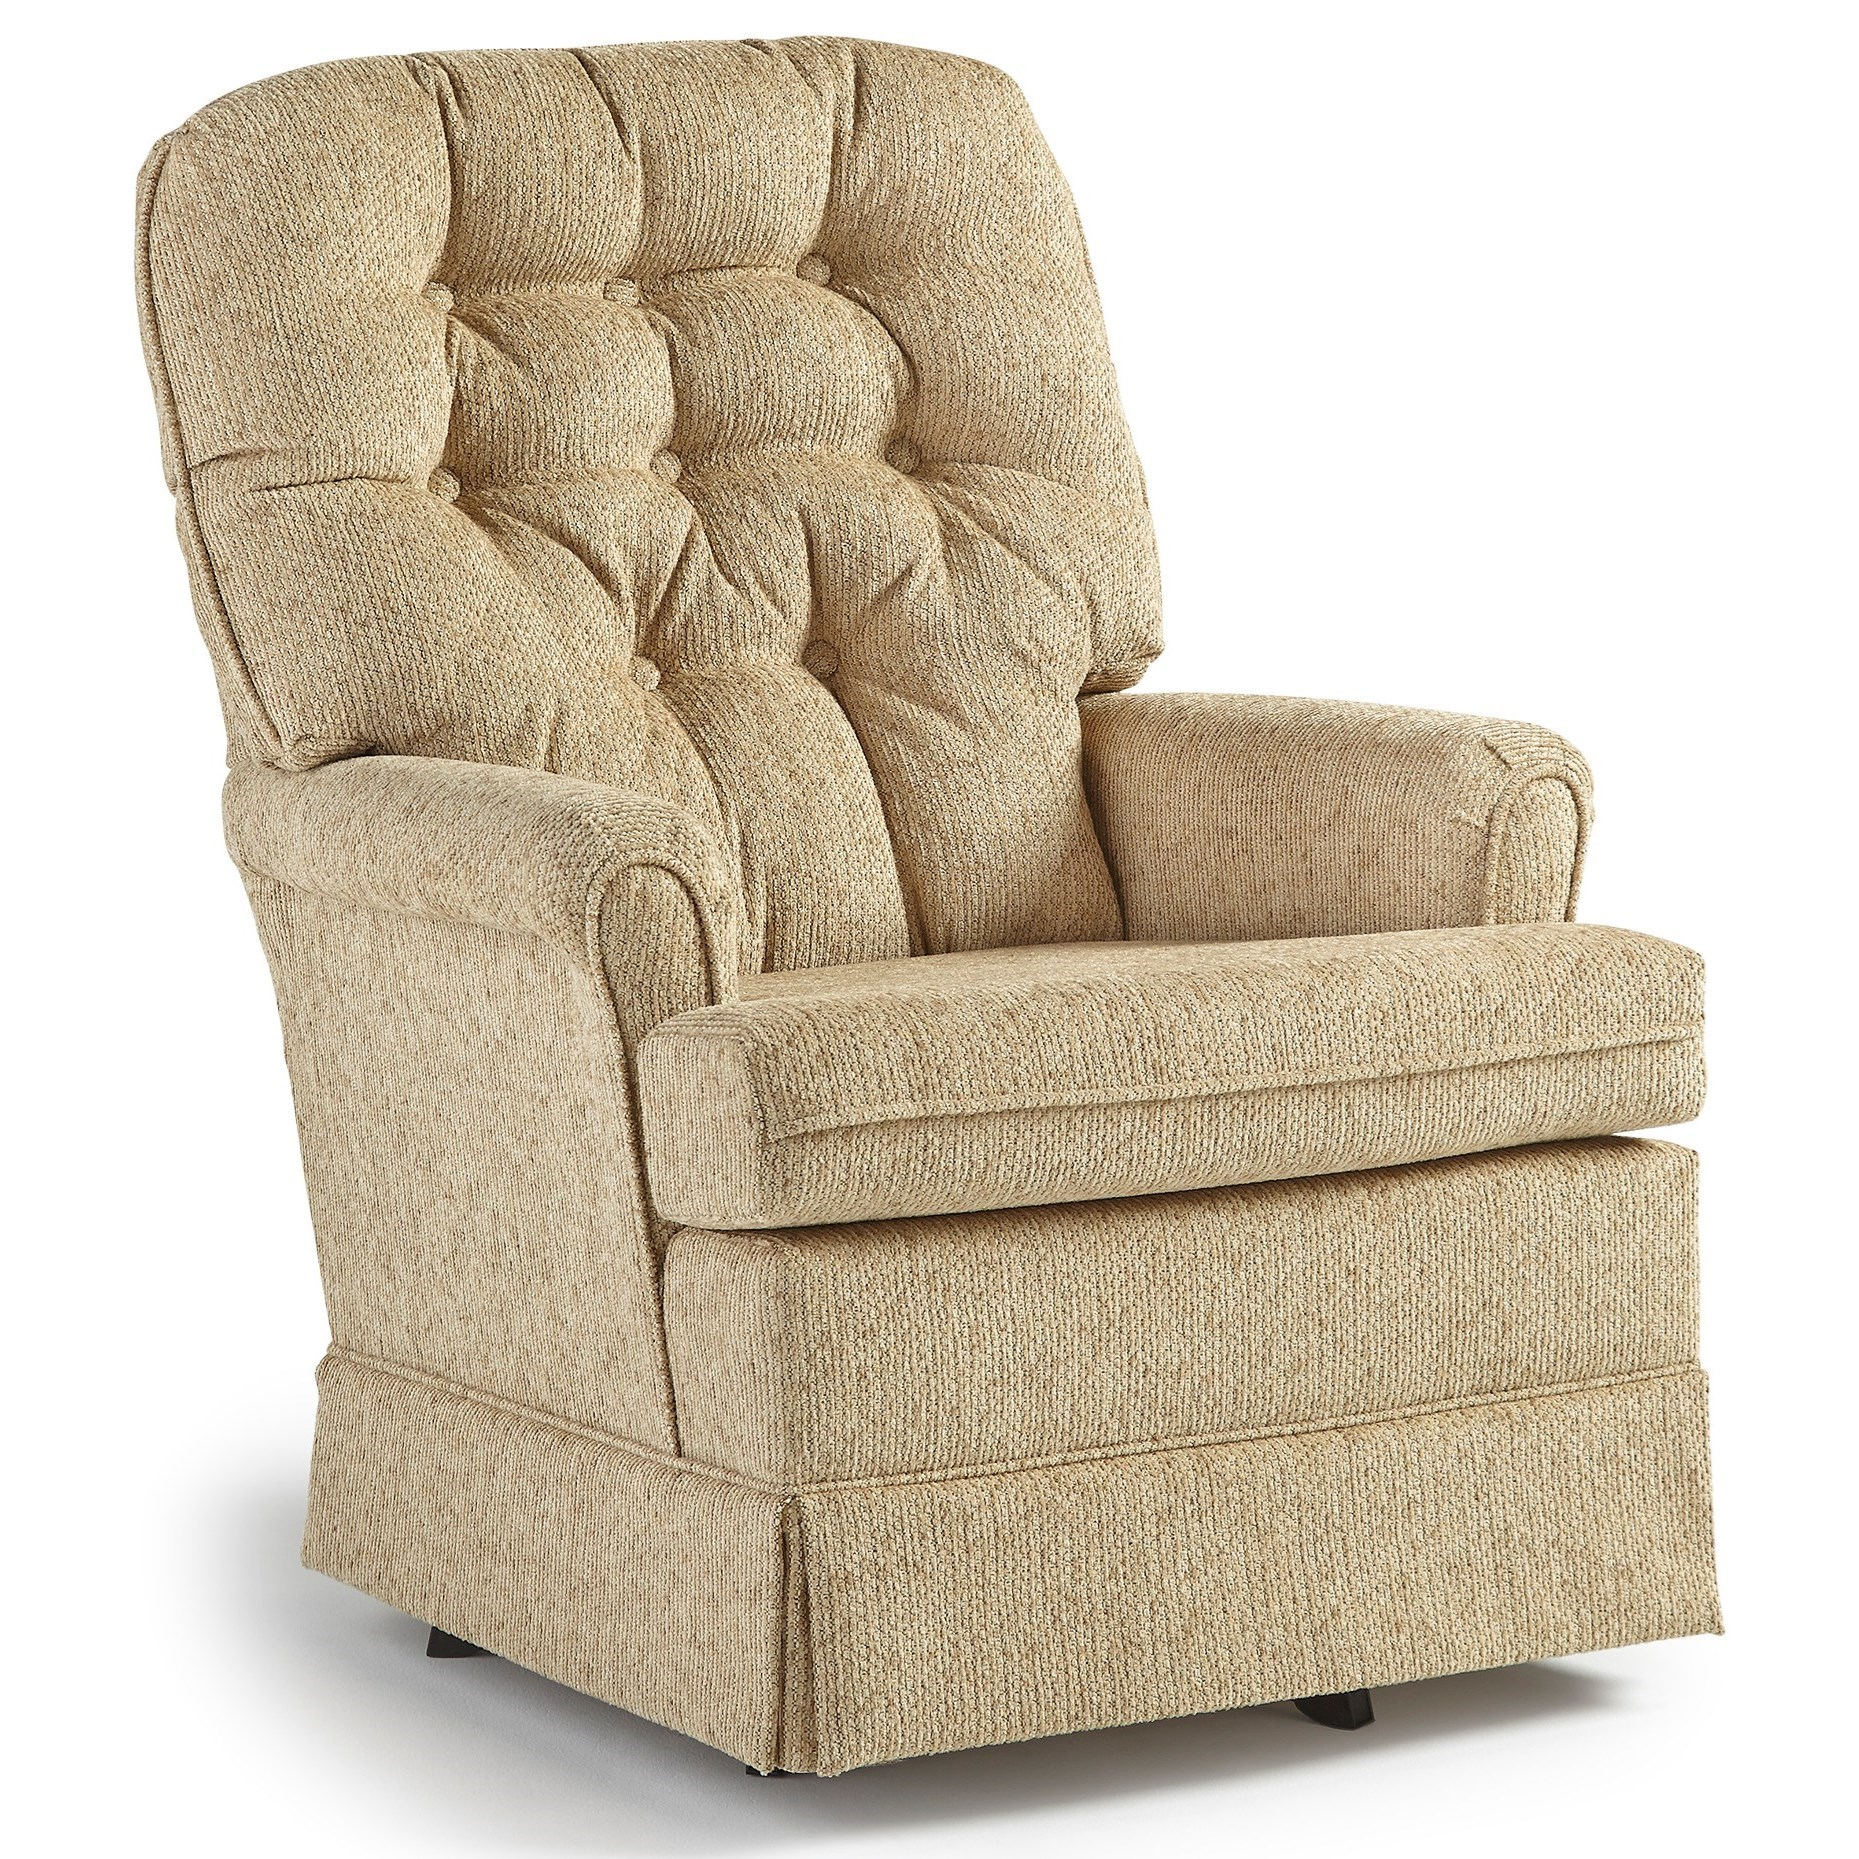 Best Home Furnishings Chairs Swivel Glide Joplin Swivel Rocker Chair Knight Furniture